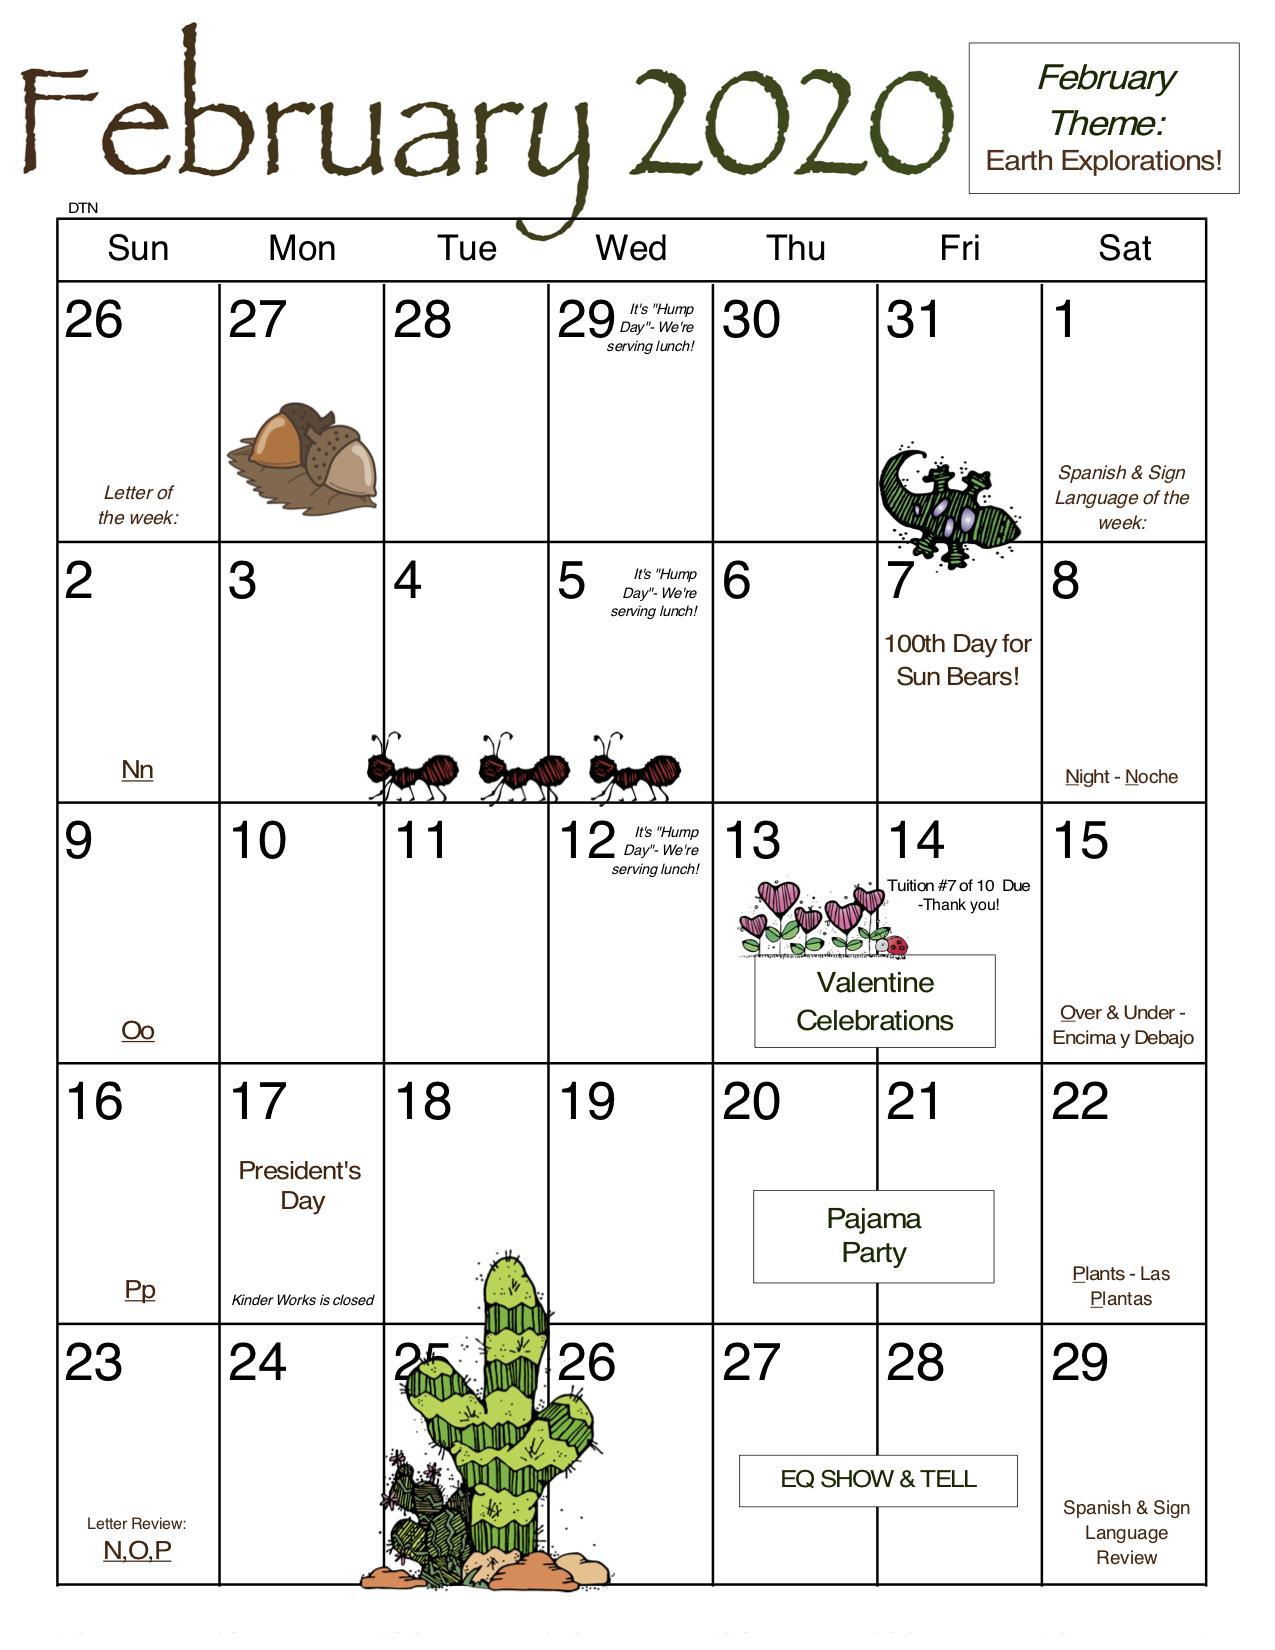 February DTN Calendar